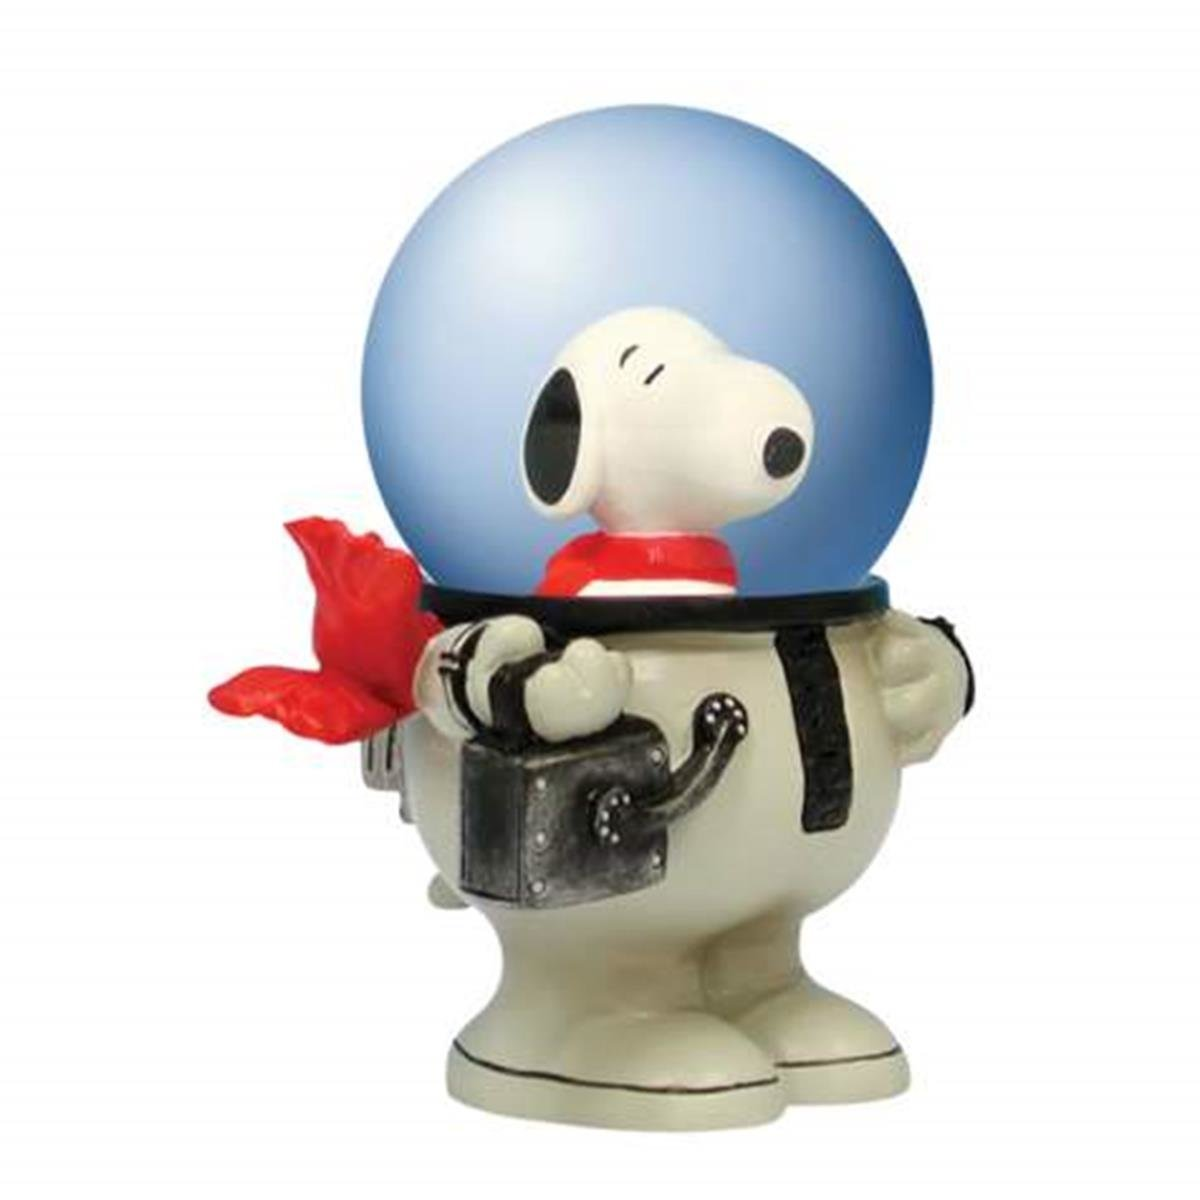 ー品販売  45 mm Peanuts Snoopy the the Dog In 45 White Astronaut Water Suit Water Globe B008A7CJEU, ガーリー雑貨店「ルージールゥ」:3de4ff94 --- irlandskayaliteratura.org